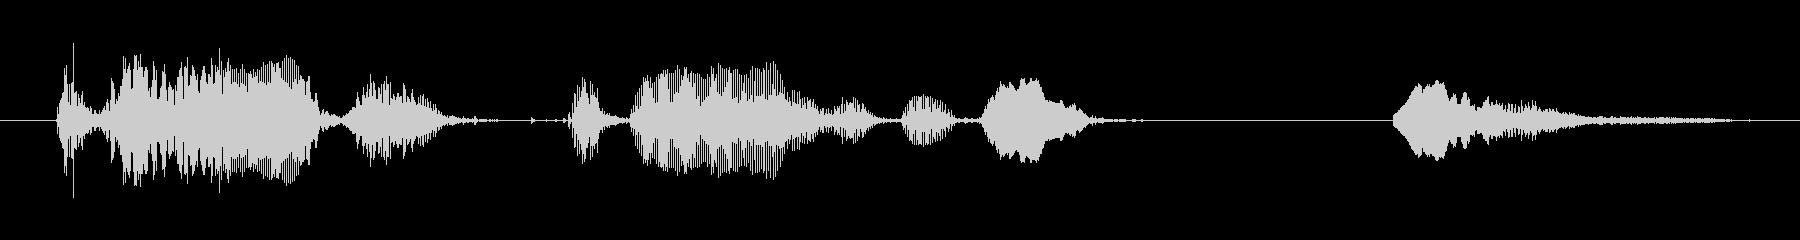 赤ちゃんの自然な笑い声その2の未再生の波形